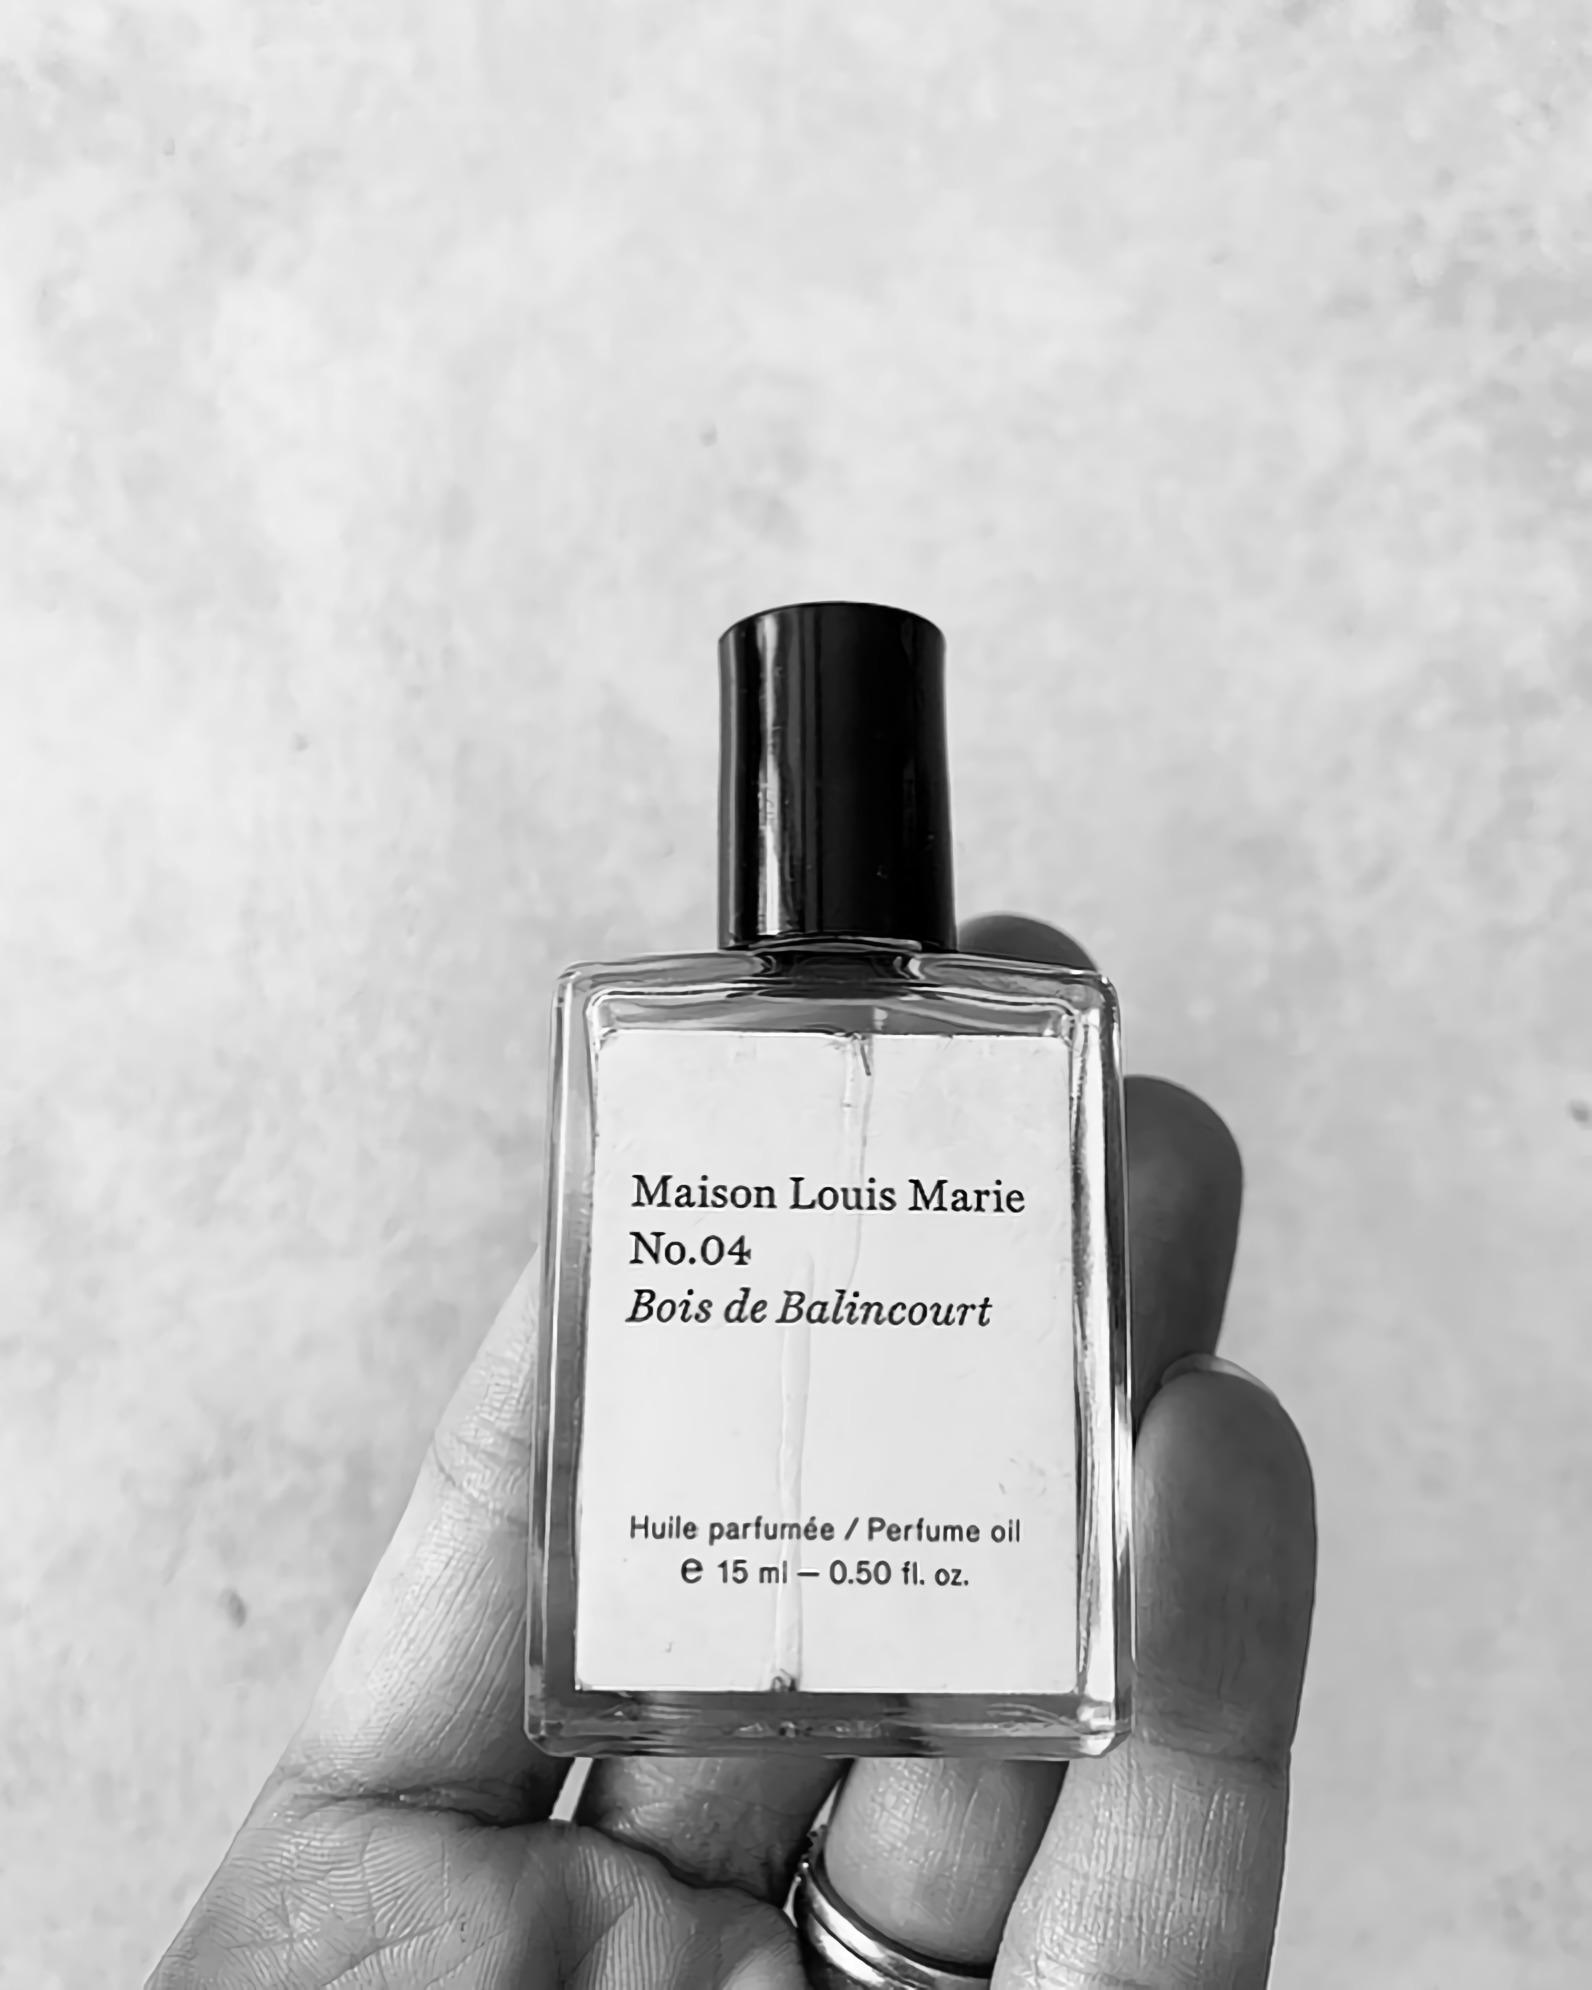 чистый аромат с парфюмом Maison Louis Marie No.04